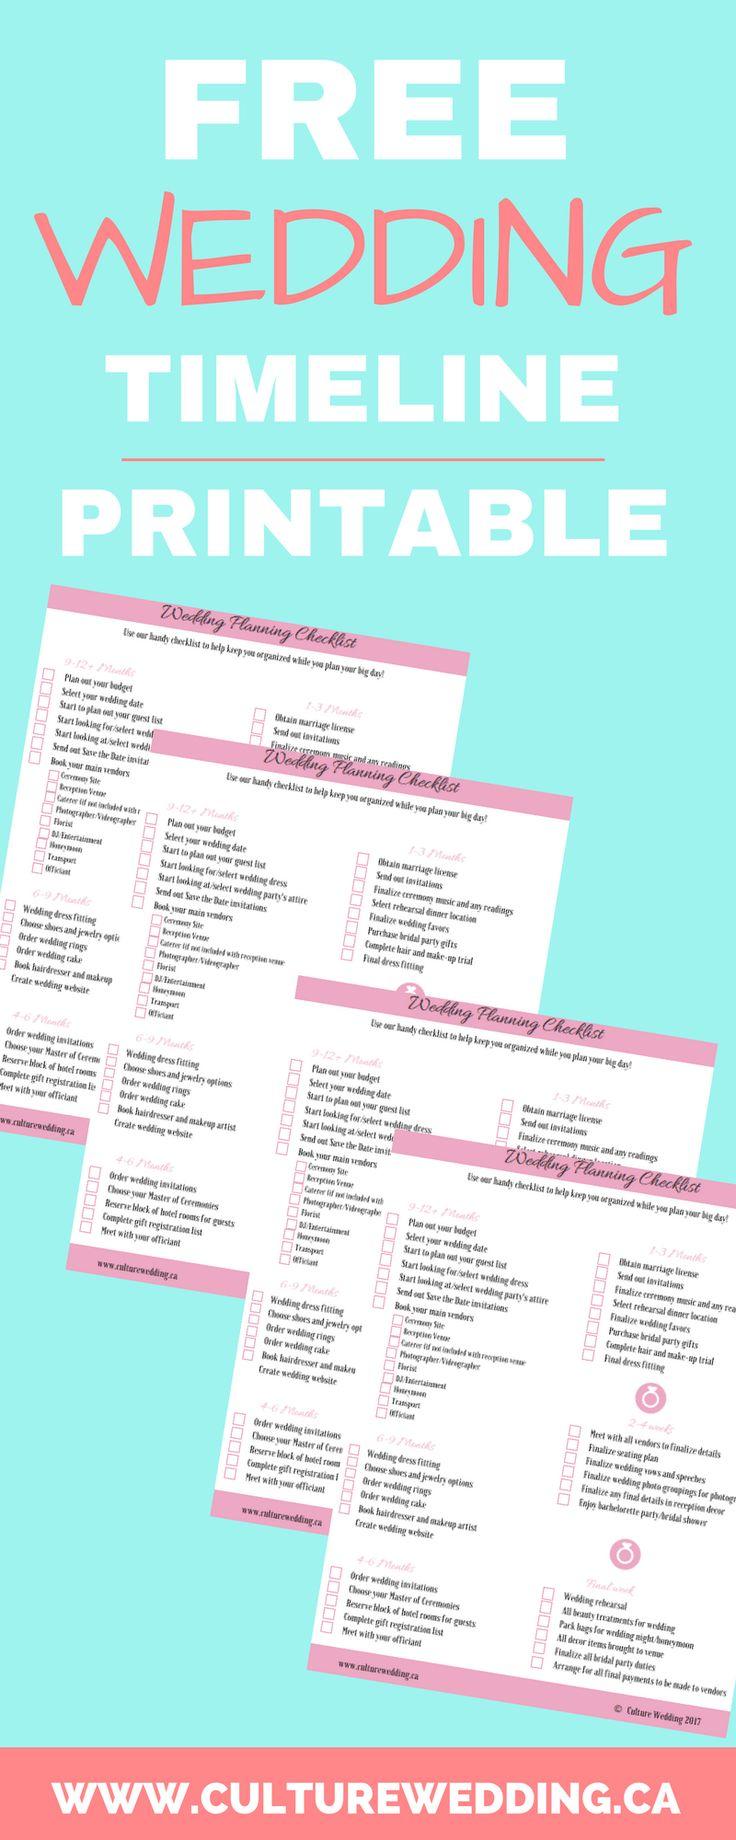 Pinterestuteki en iyi  Wedding Planning Checklist görüntüleri